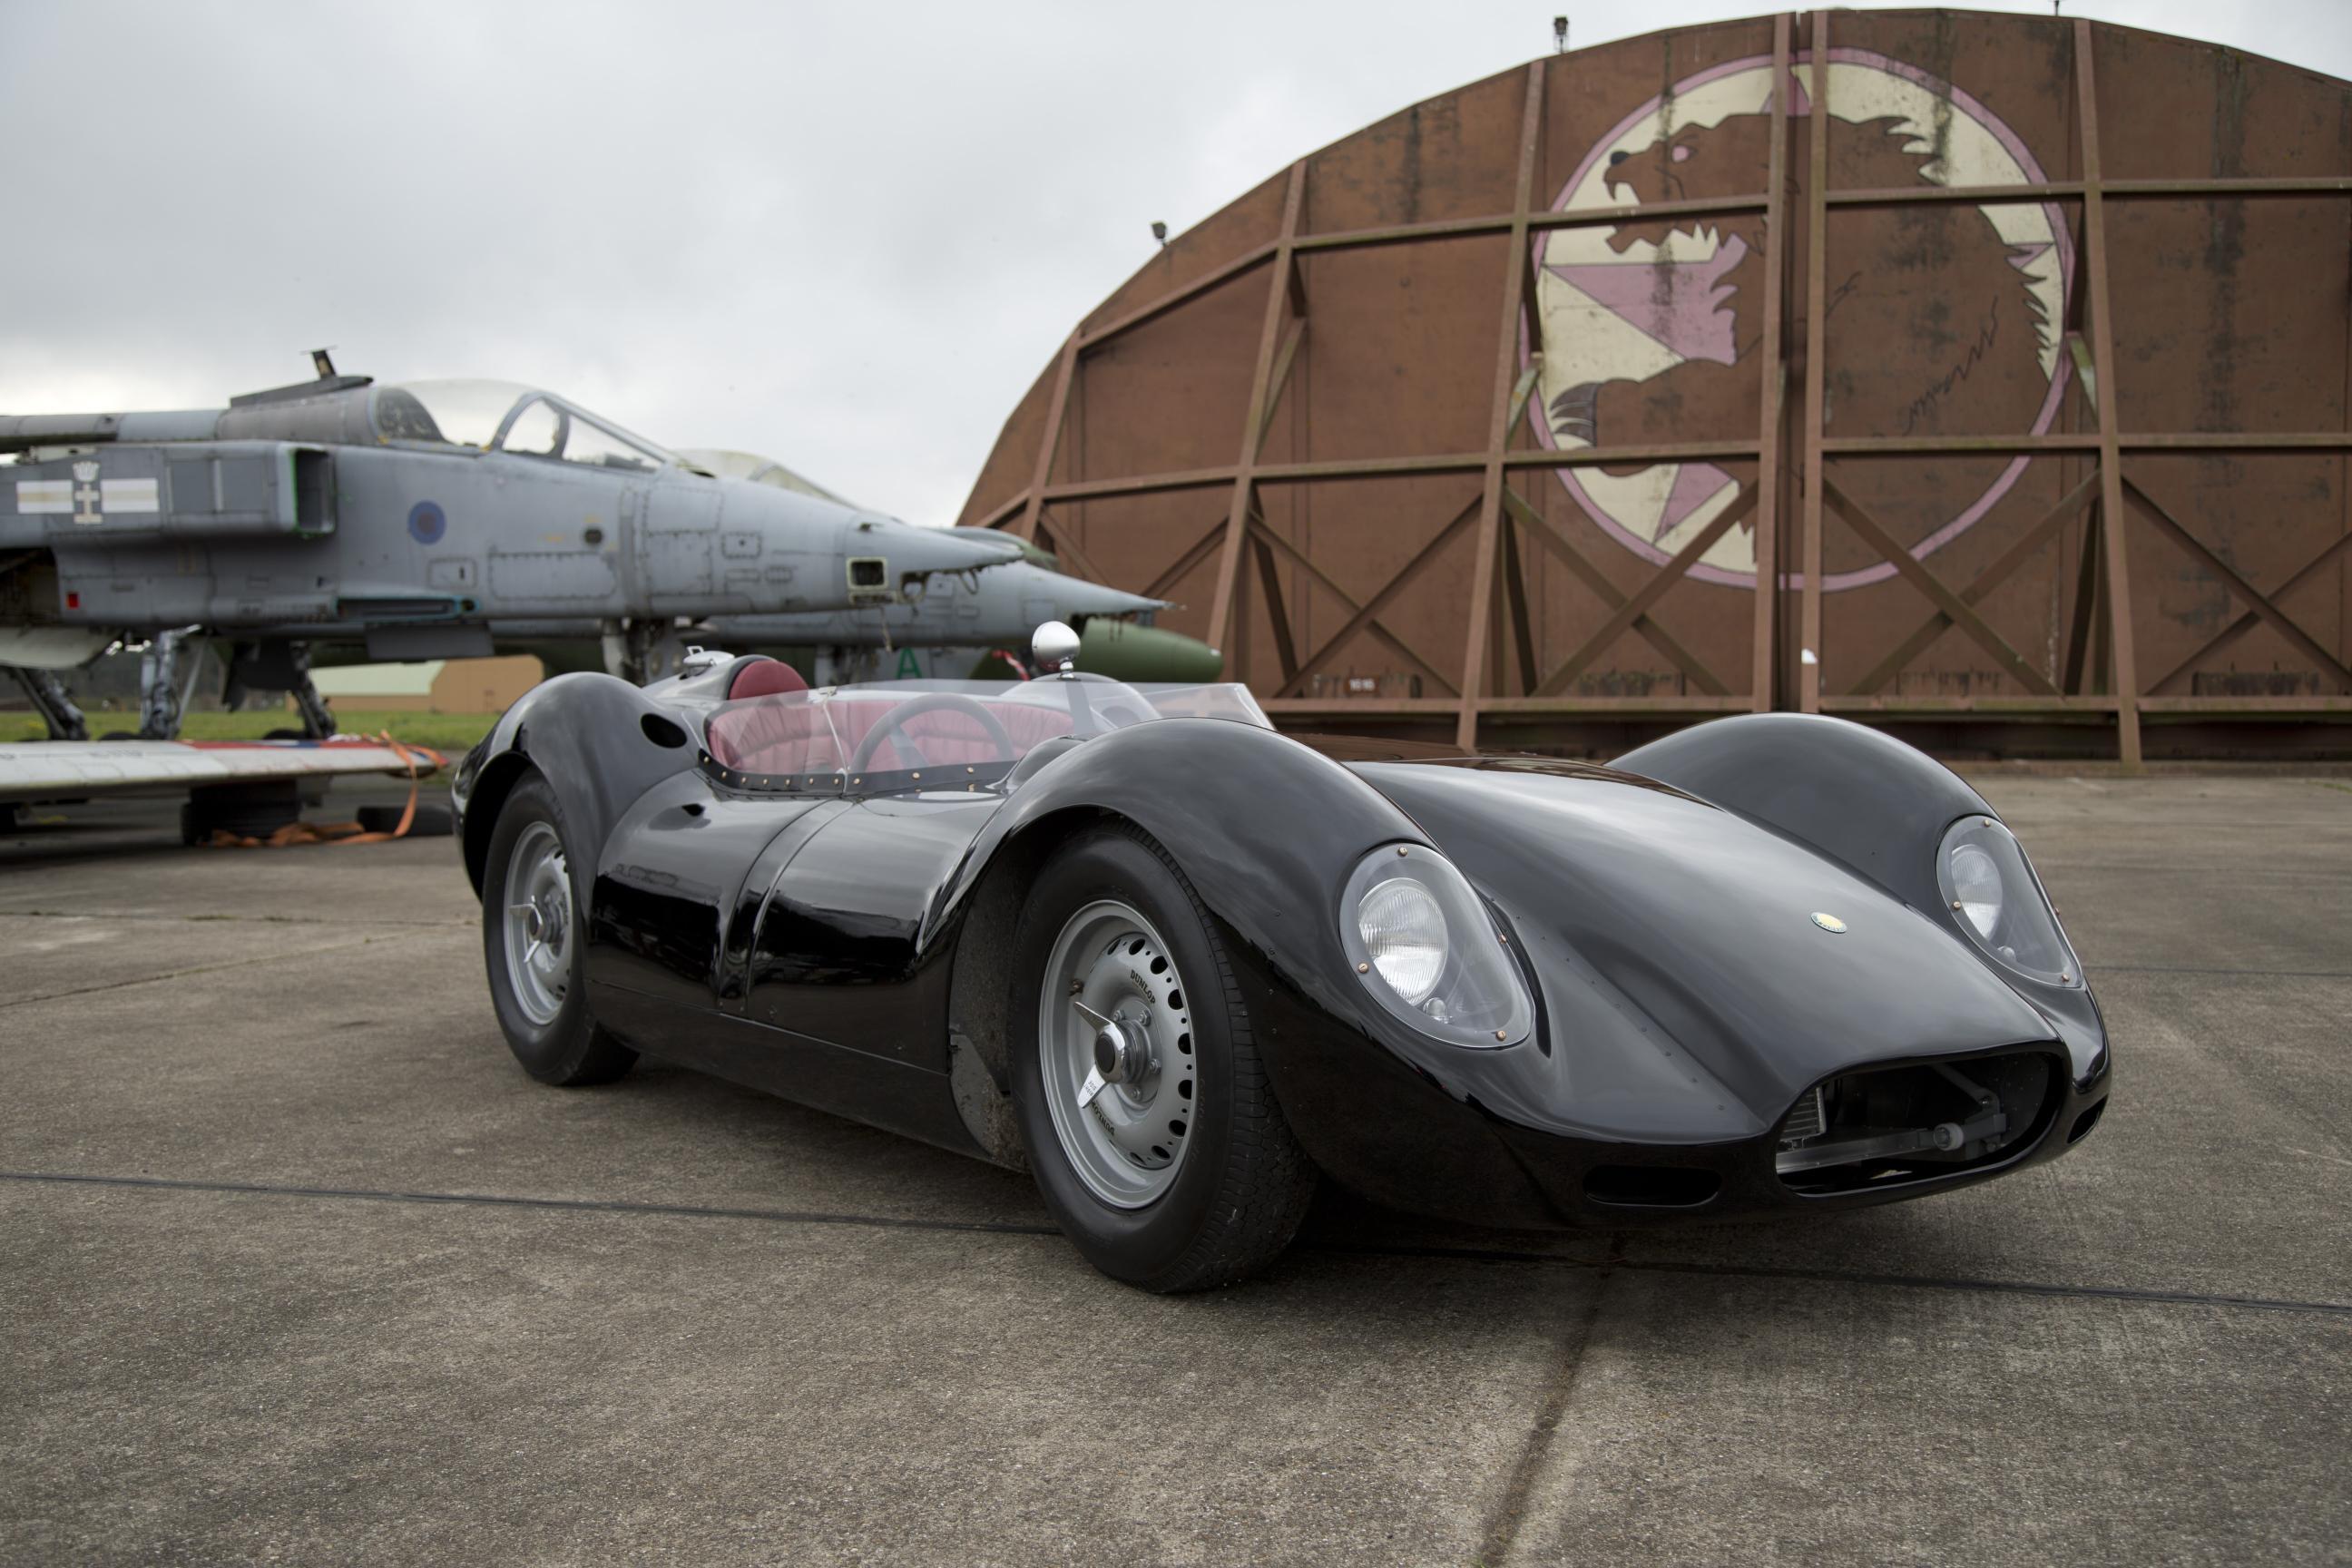 Lister Knobbly Packs 330 Horsepower From Jaguar XK6 Inline ...